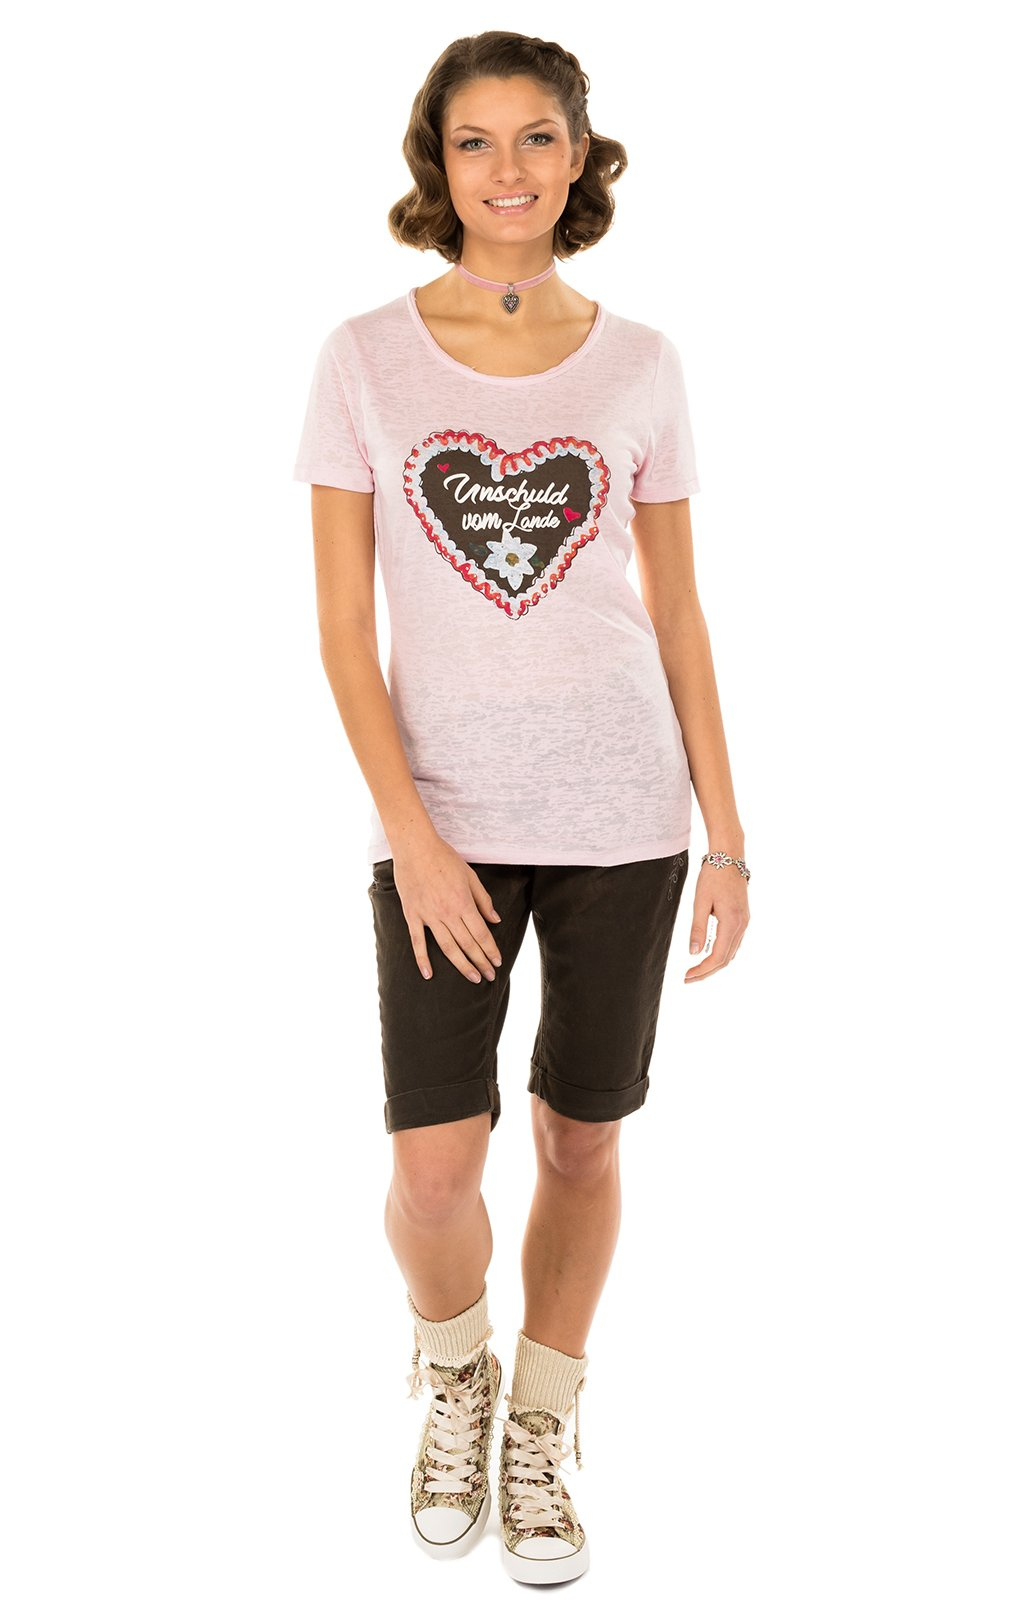 weitere Bilder von Trachten T-Shirt ANTARES rose Herzmotiv